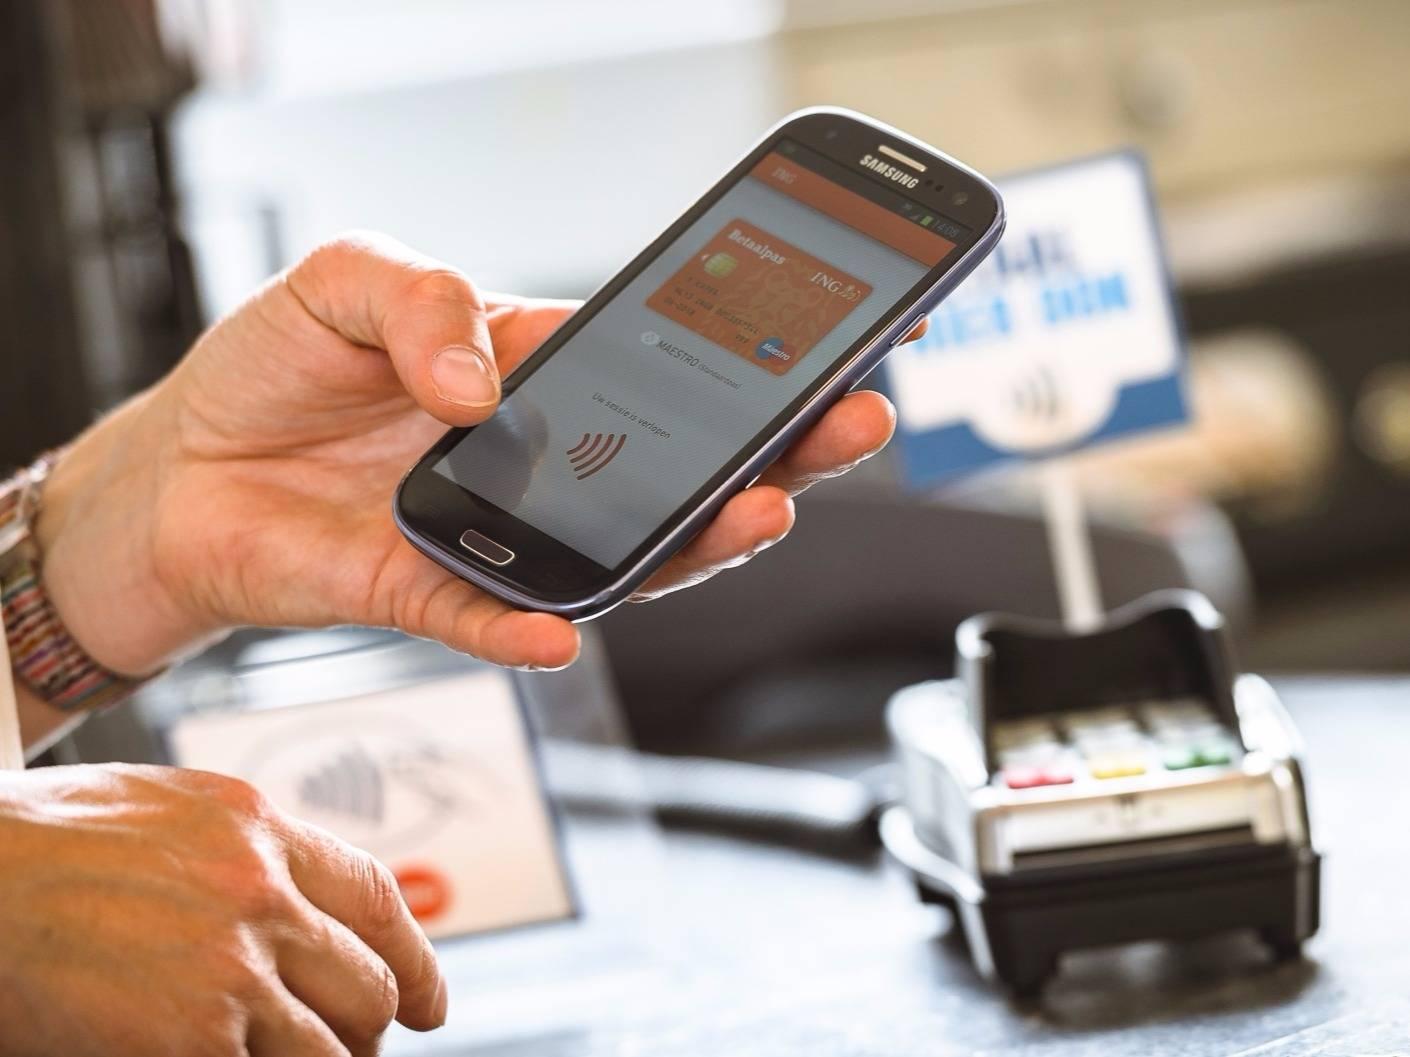 微信支付宝地位难撼,第三方支付未来是否还有变局?